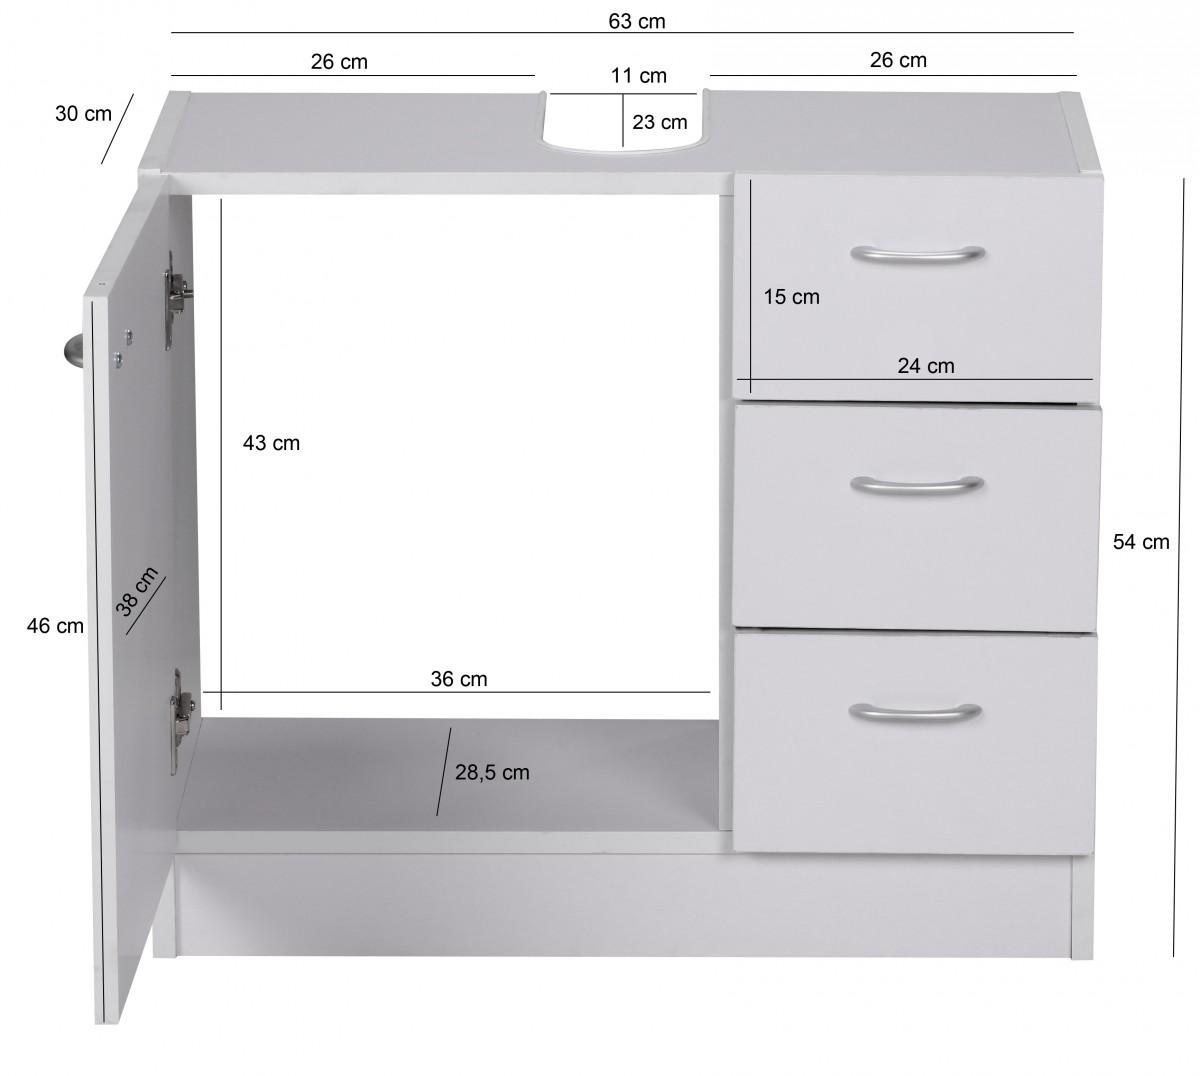 Schön WOHNLING Bad Waschbecken Unterschrank 54 X 63 X 30 Cm 1 Tür, 3 Schubladen,  Weiß 35999